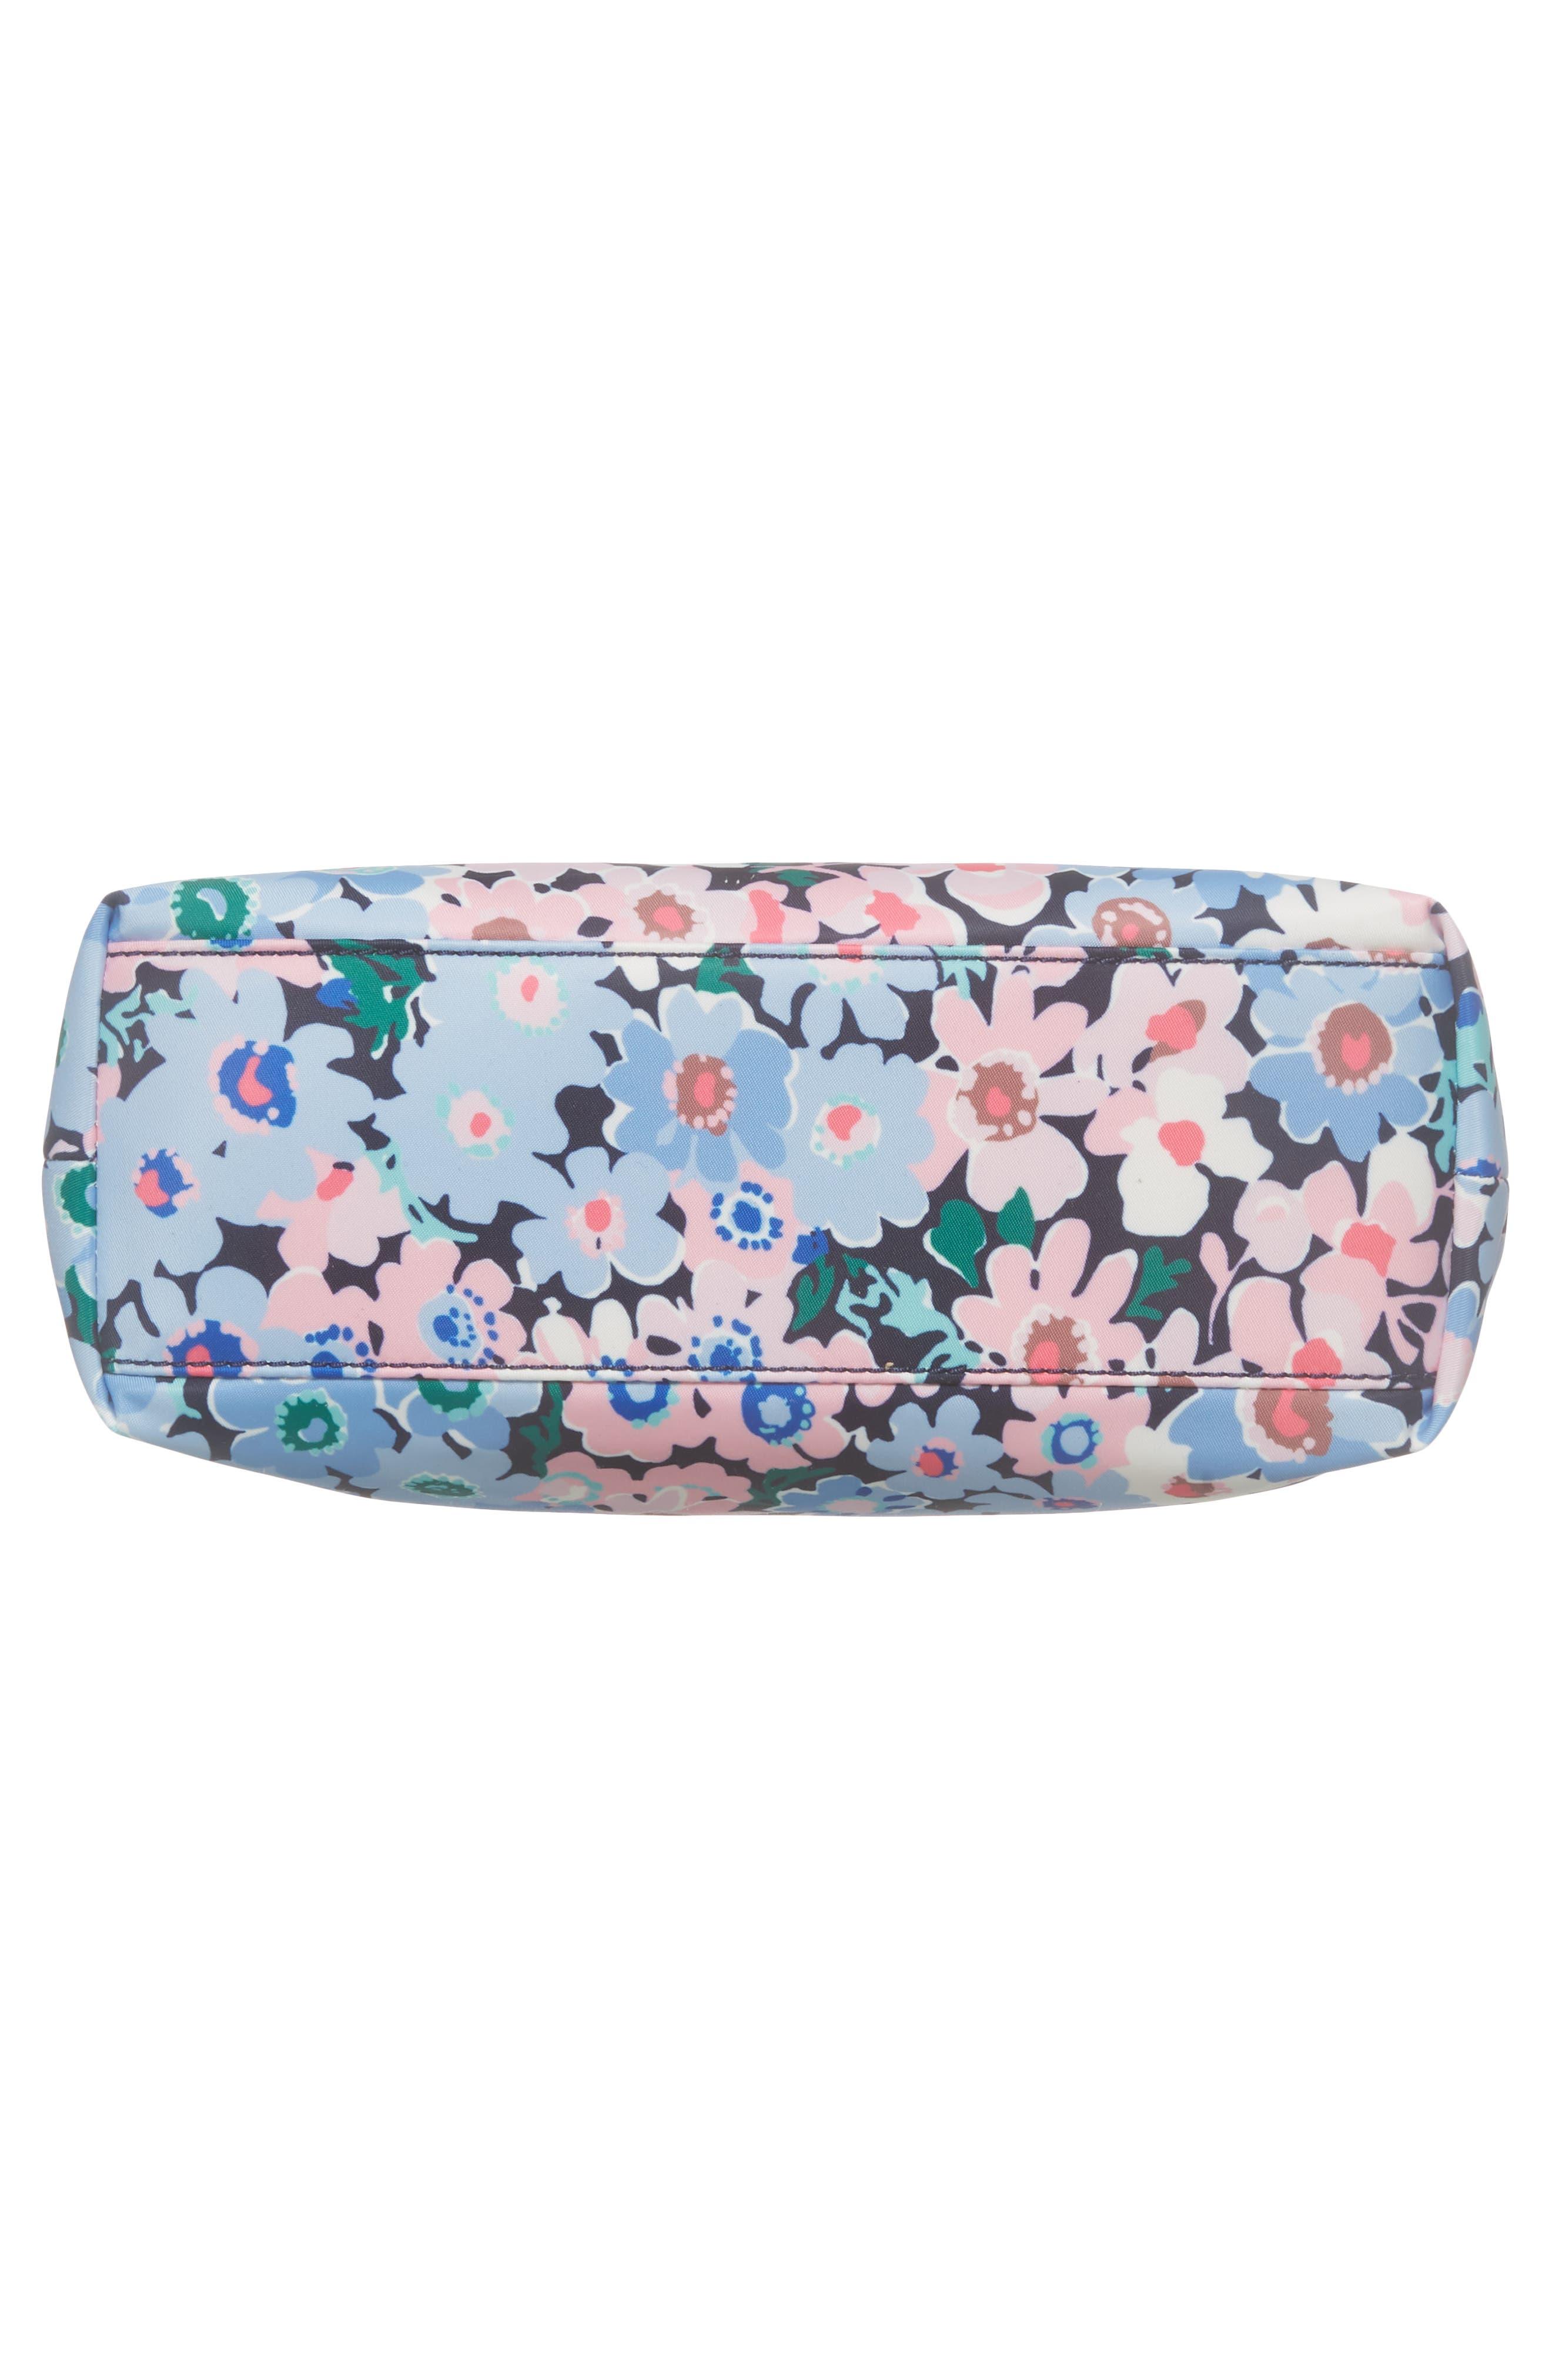 watson lane - daisy garden lucie crossbody bag,                             Alternate thumbnail 6, color,